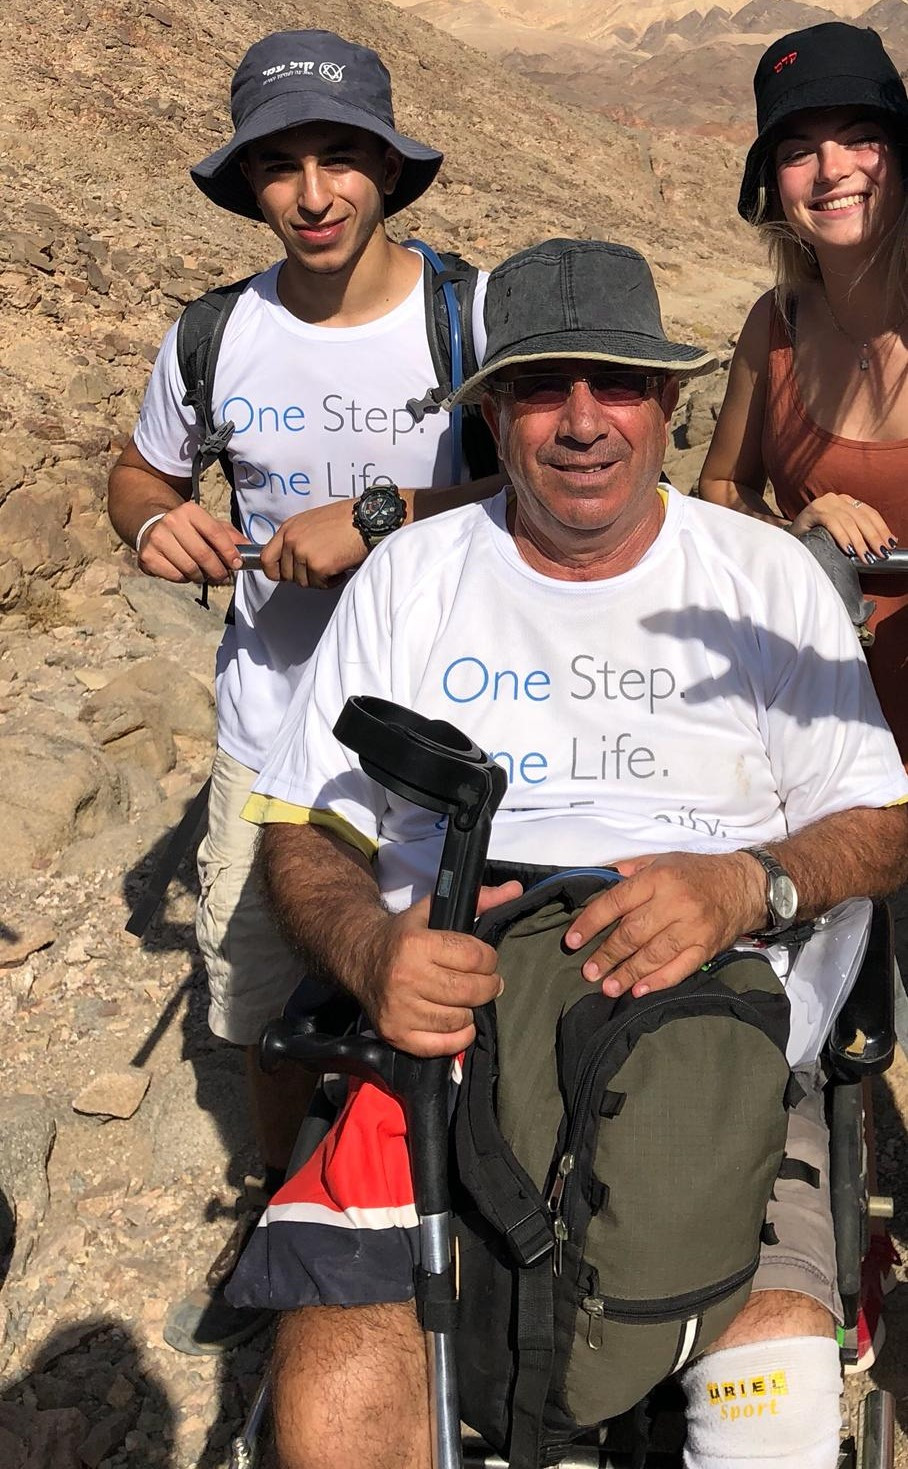 בר בטיול בהרי אילת באוקטובור 2018